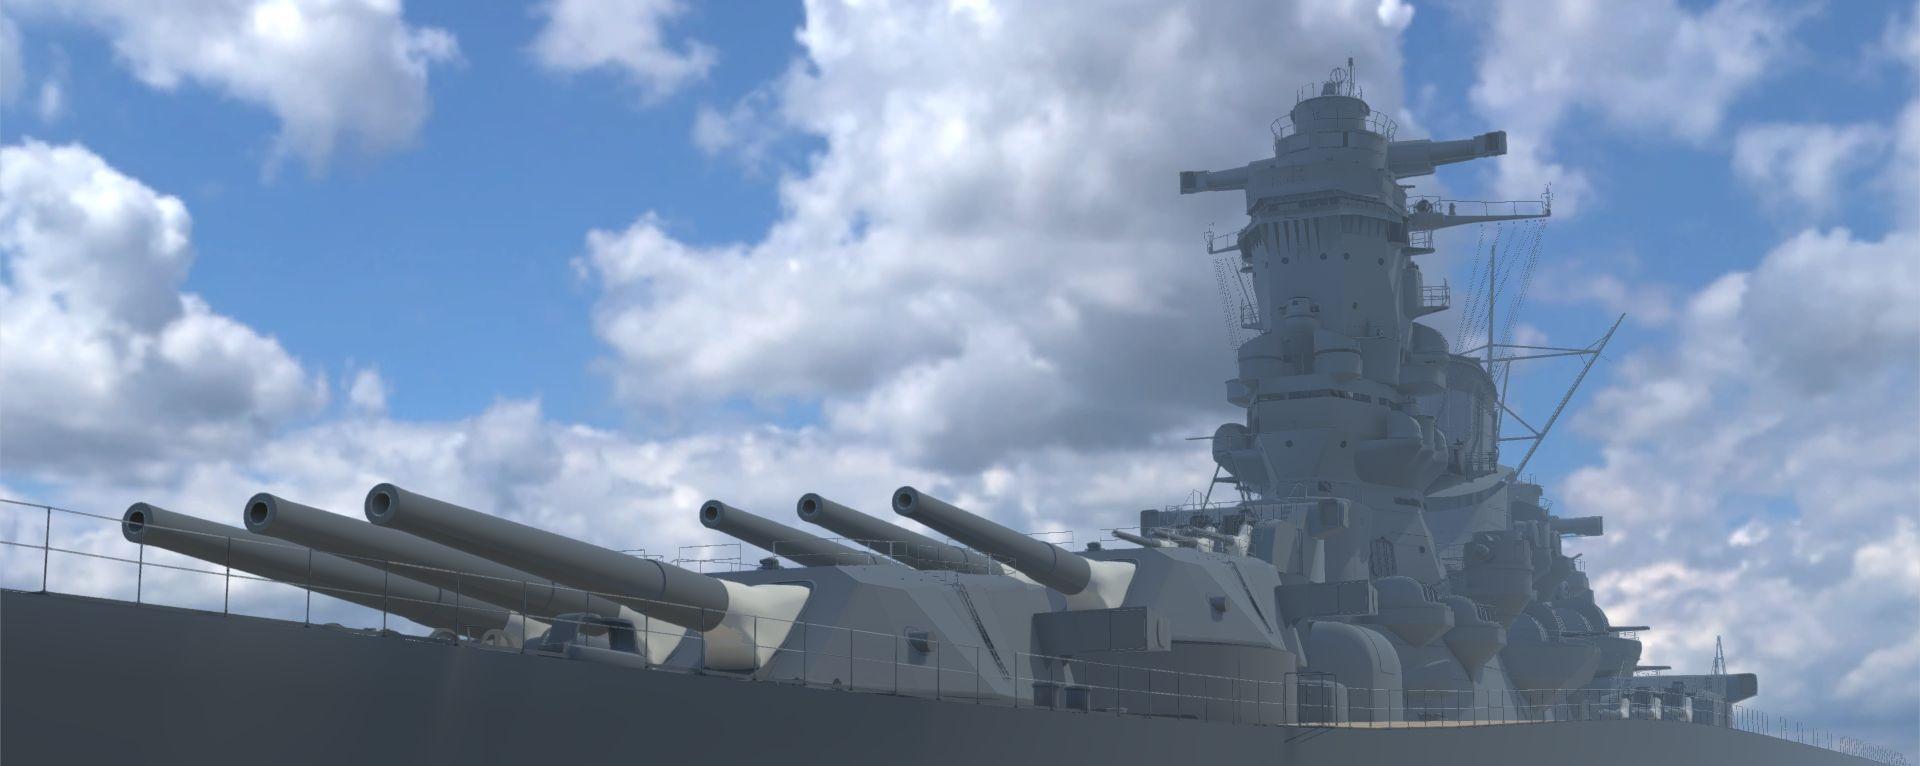 戦艦大和vr復元計画第二期 戦艦武蔵最終時の建造 Campfire